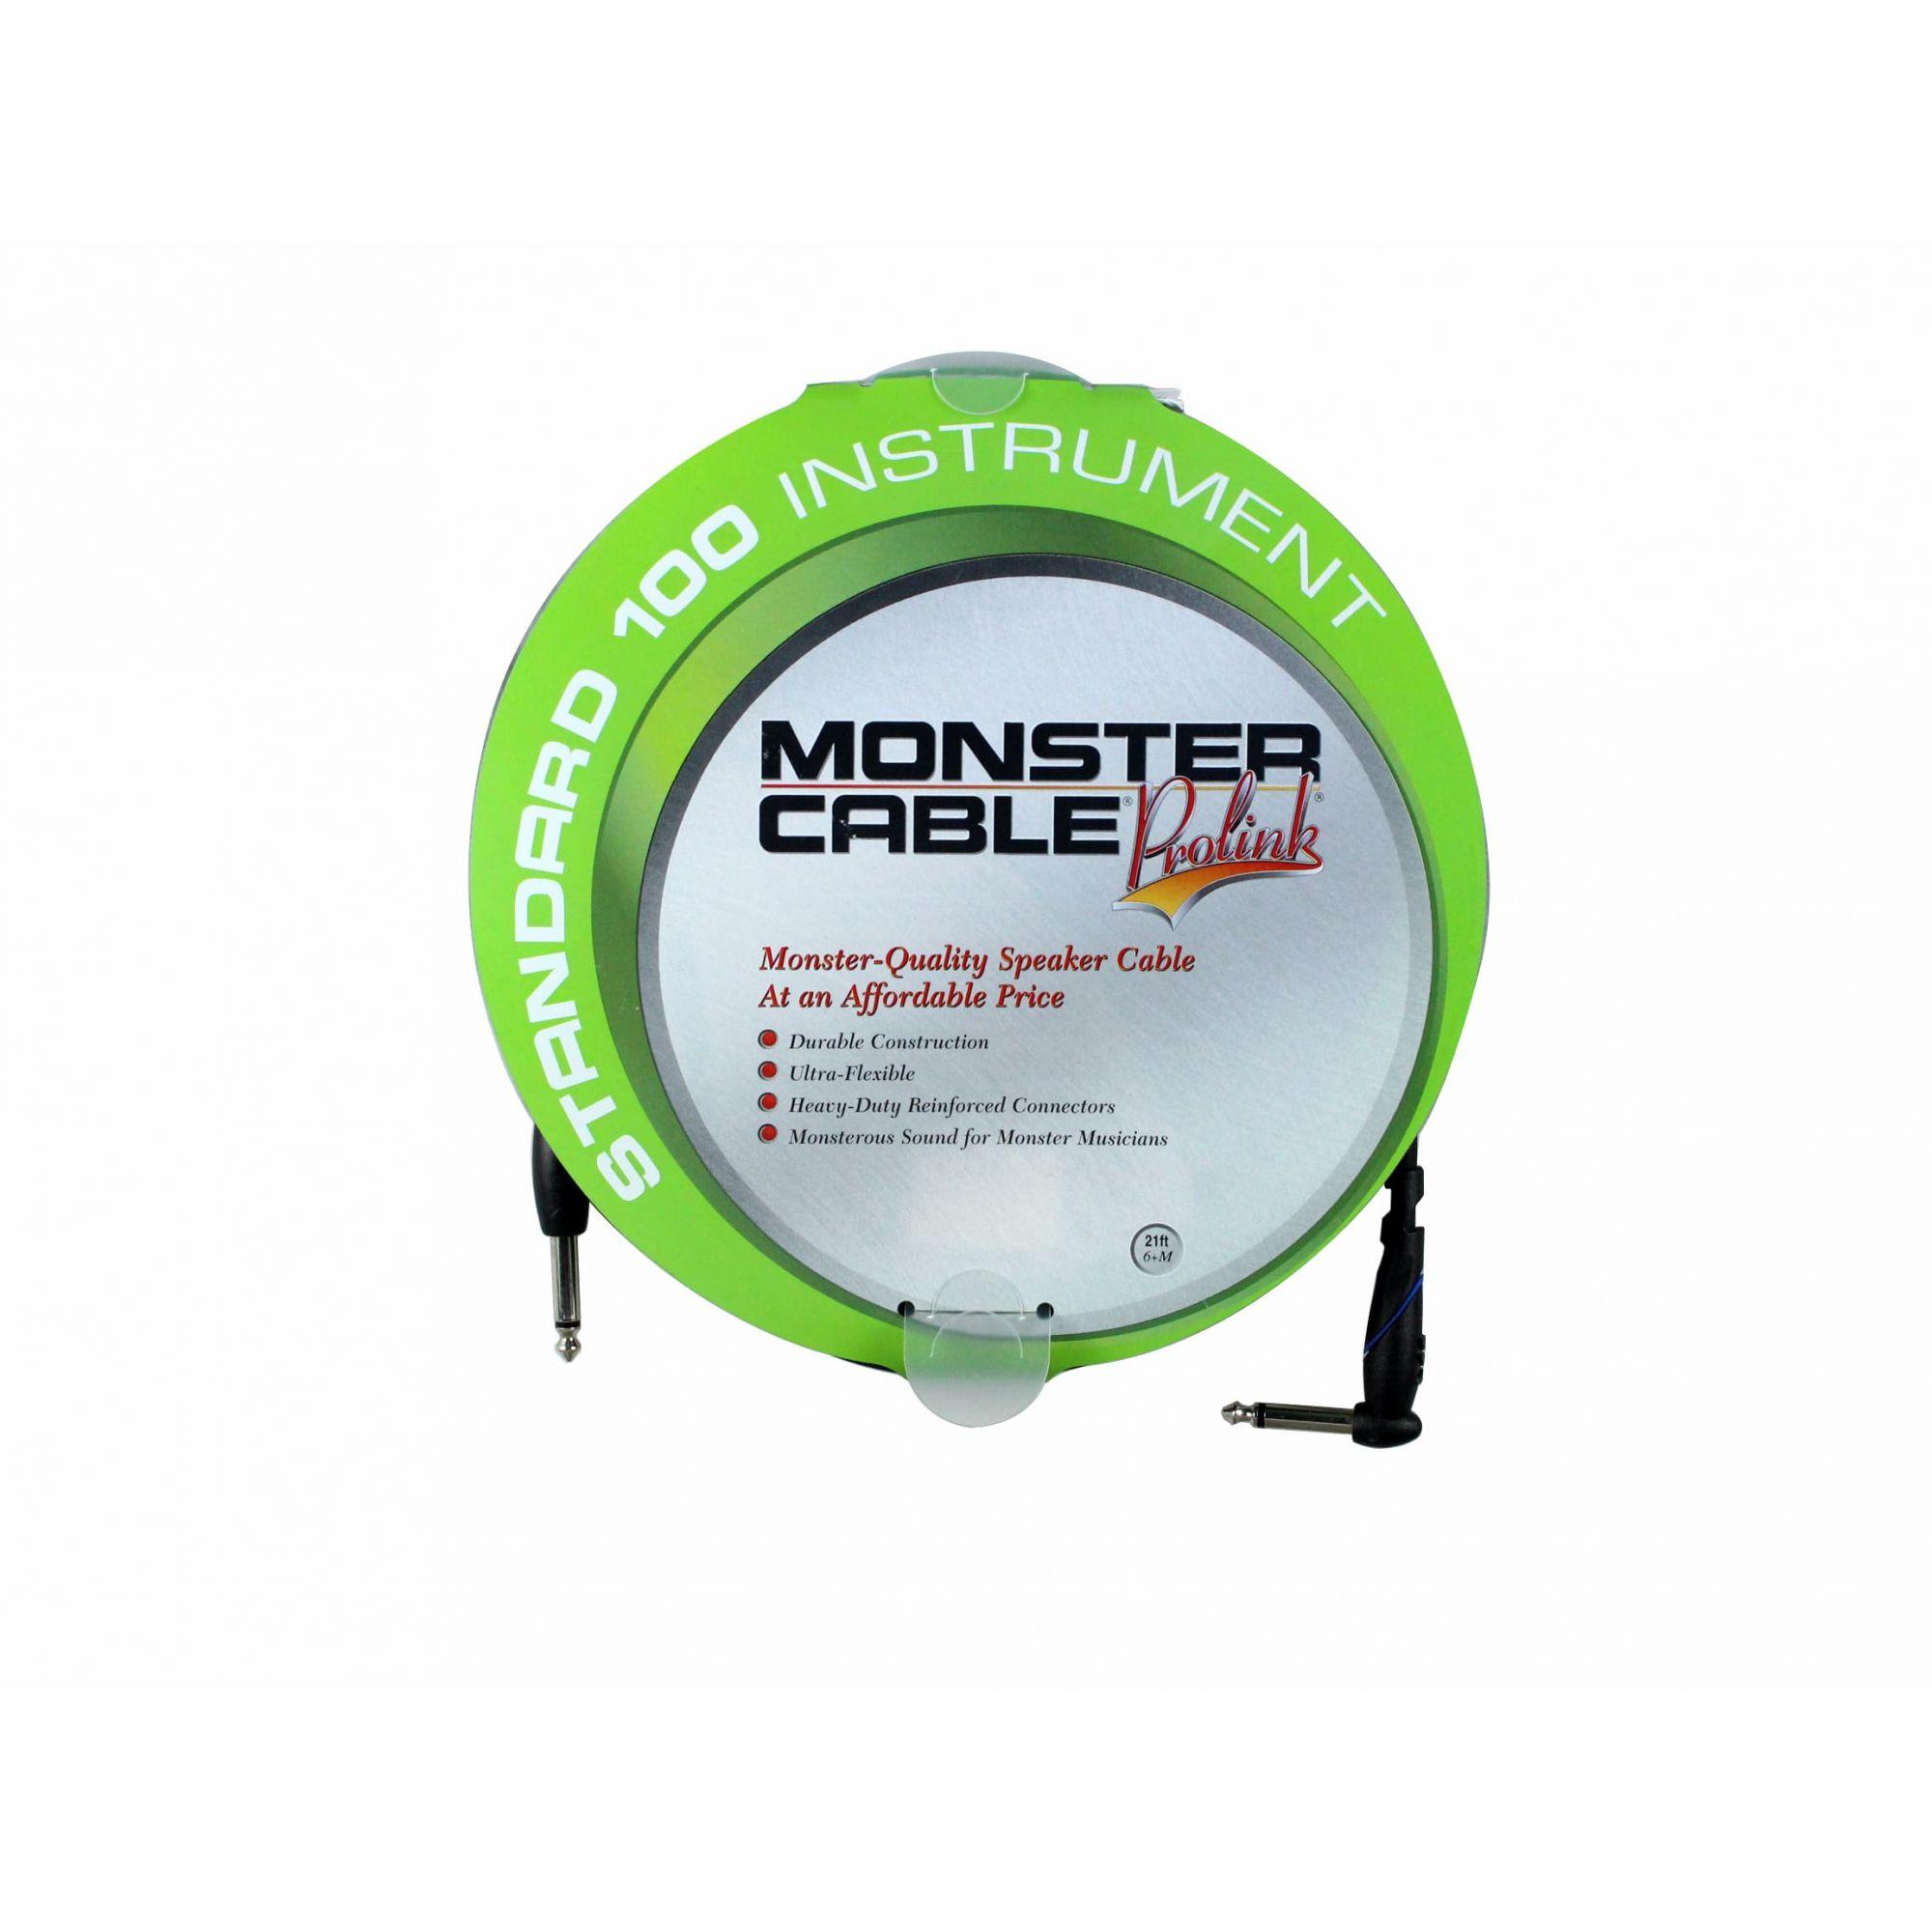 Cabo para instrumento P10 90° / P10 mono com 6,40 metros | Standard 100 Instrument | Monster Cable | S100-I-21A